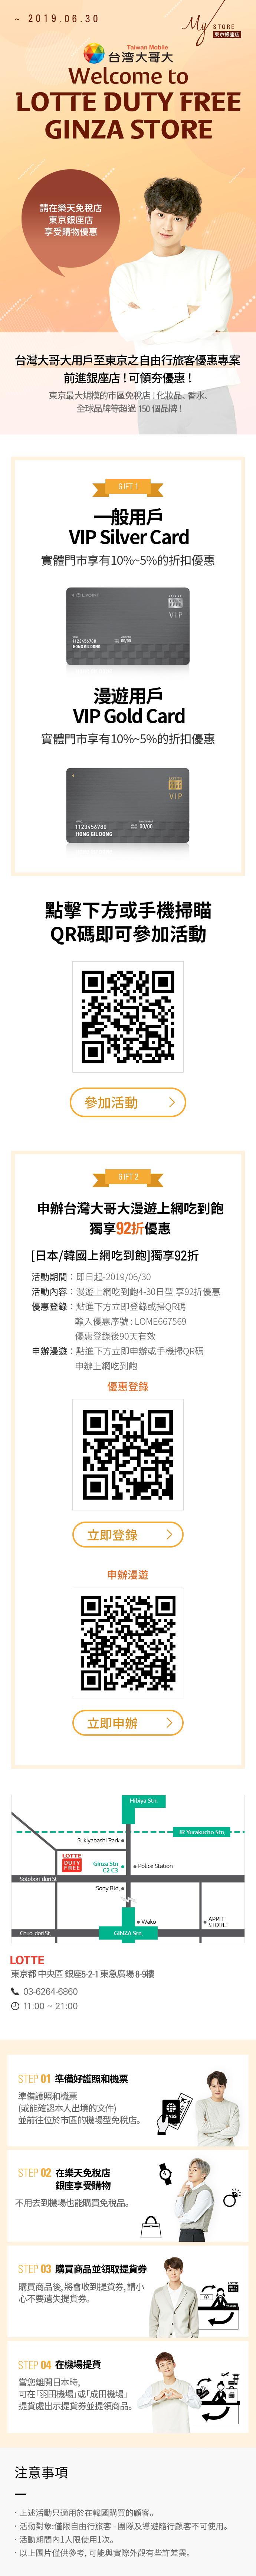 타이완 모바일 이벤트